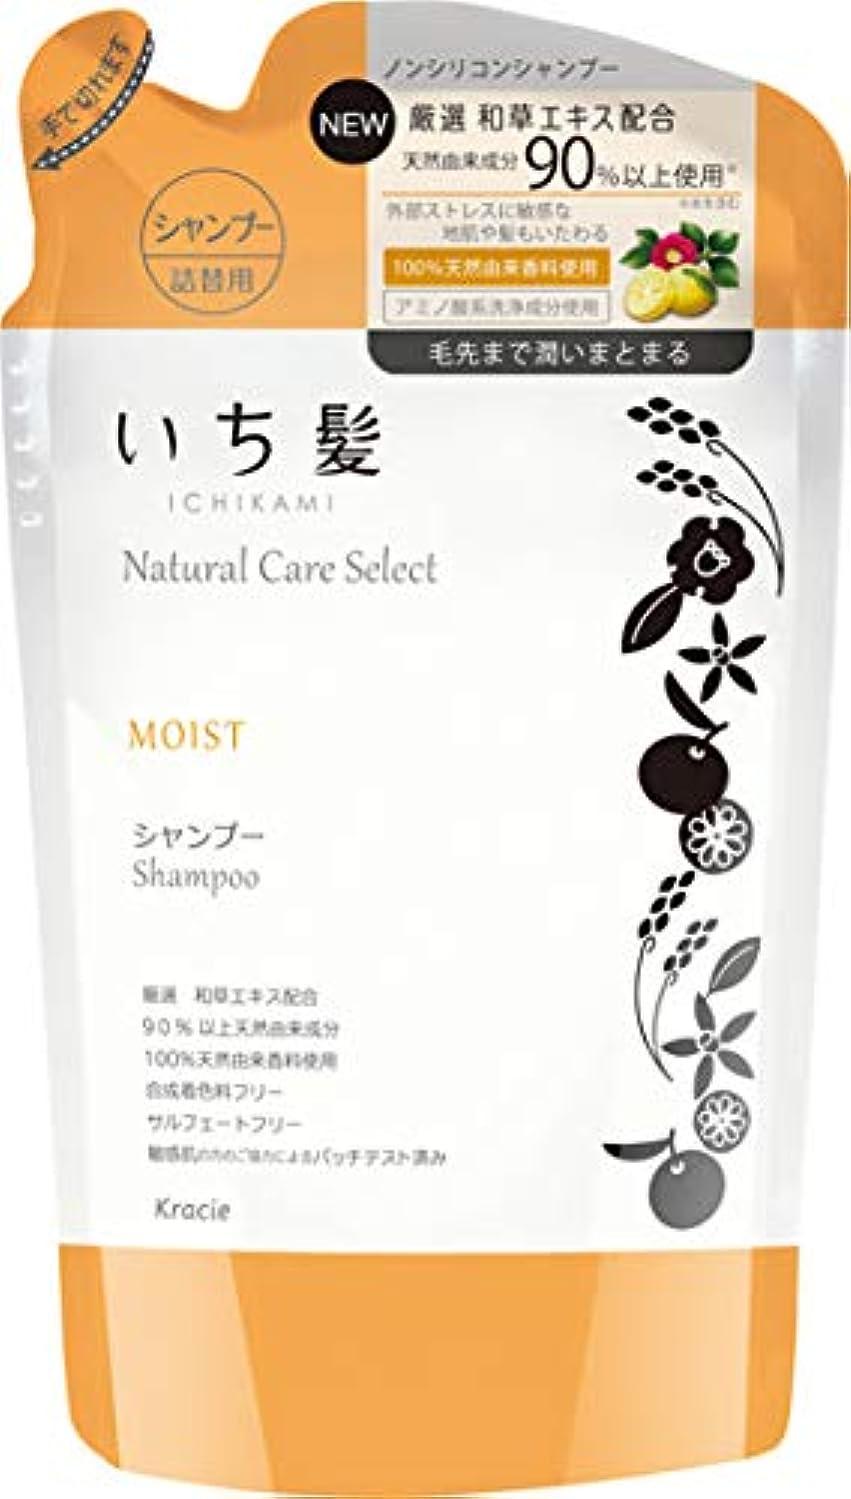 慣習パーフェルビッドミルいち髪ナチュラルケアセレクト モイスト(毛先まで潤いまとまる)シャンプー詰替340mL シトラスフローラルの香り